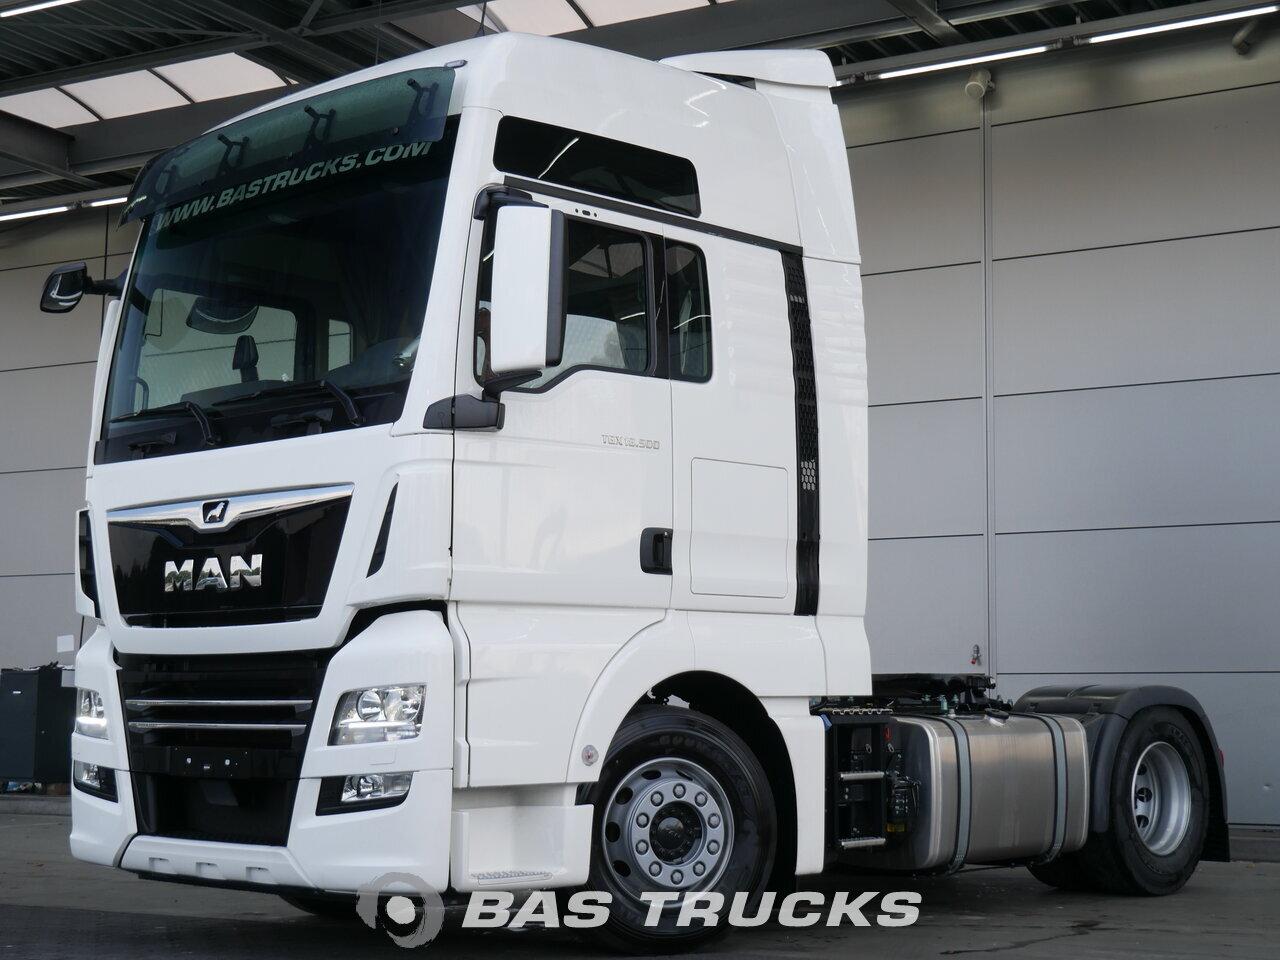 For sale at BAS Trucks: MAN TGX 18 500 XXL 4X2 New